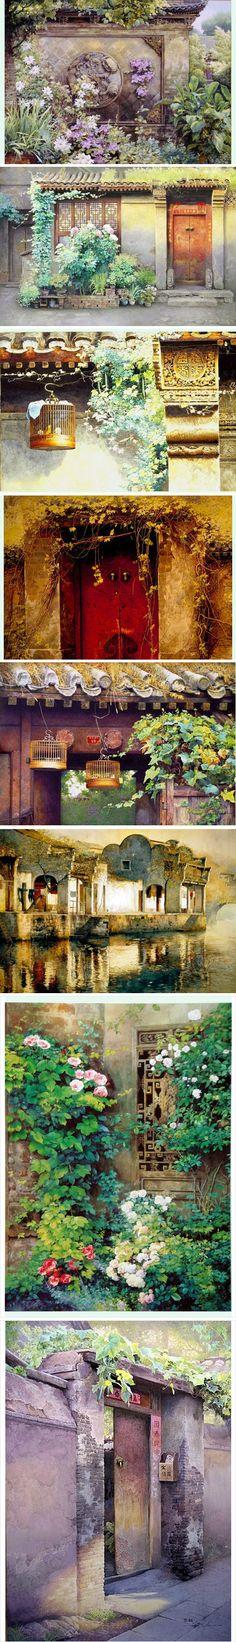 黄有维,号洞庭渔夫,湖南省岳阳人,作品格调清新、充满阳光和朝气。跻身中国水彩画一流水准之列。他的作品艺术风格鲜明,有高难度的艺术技巧。